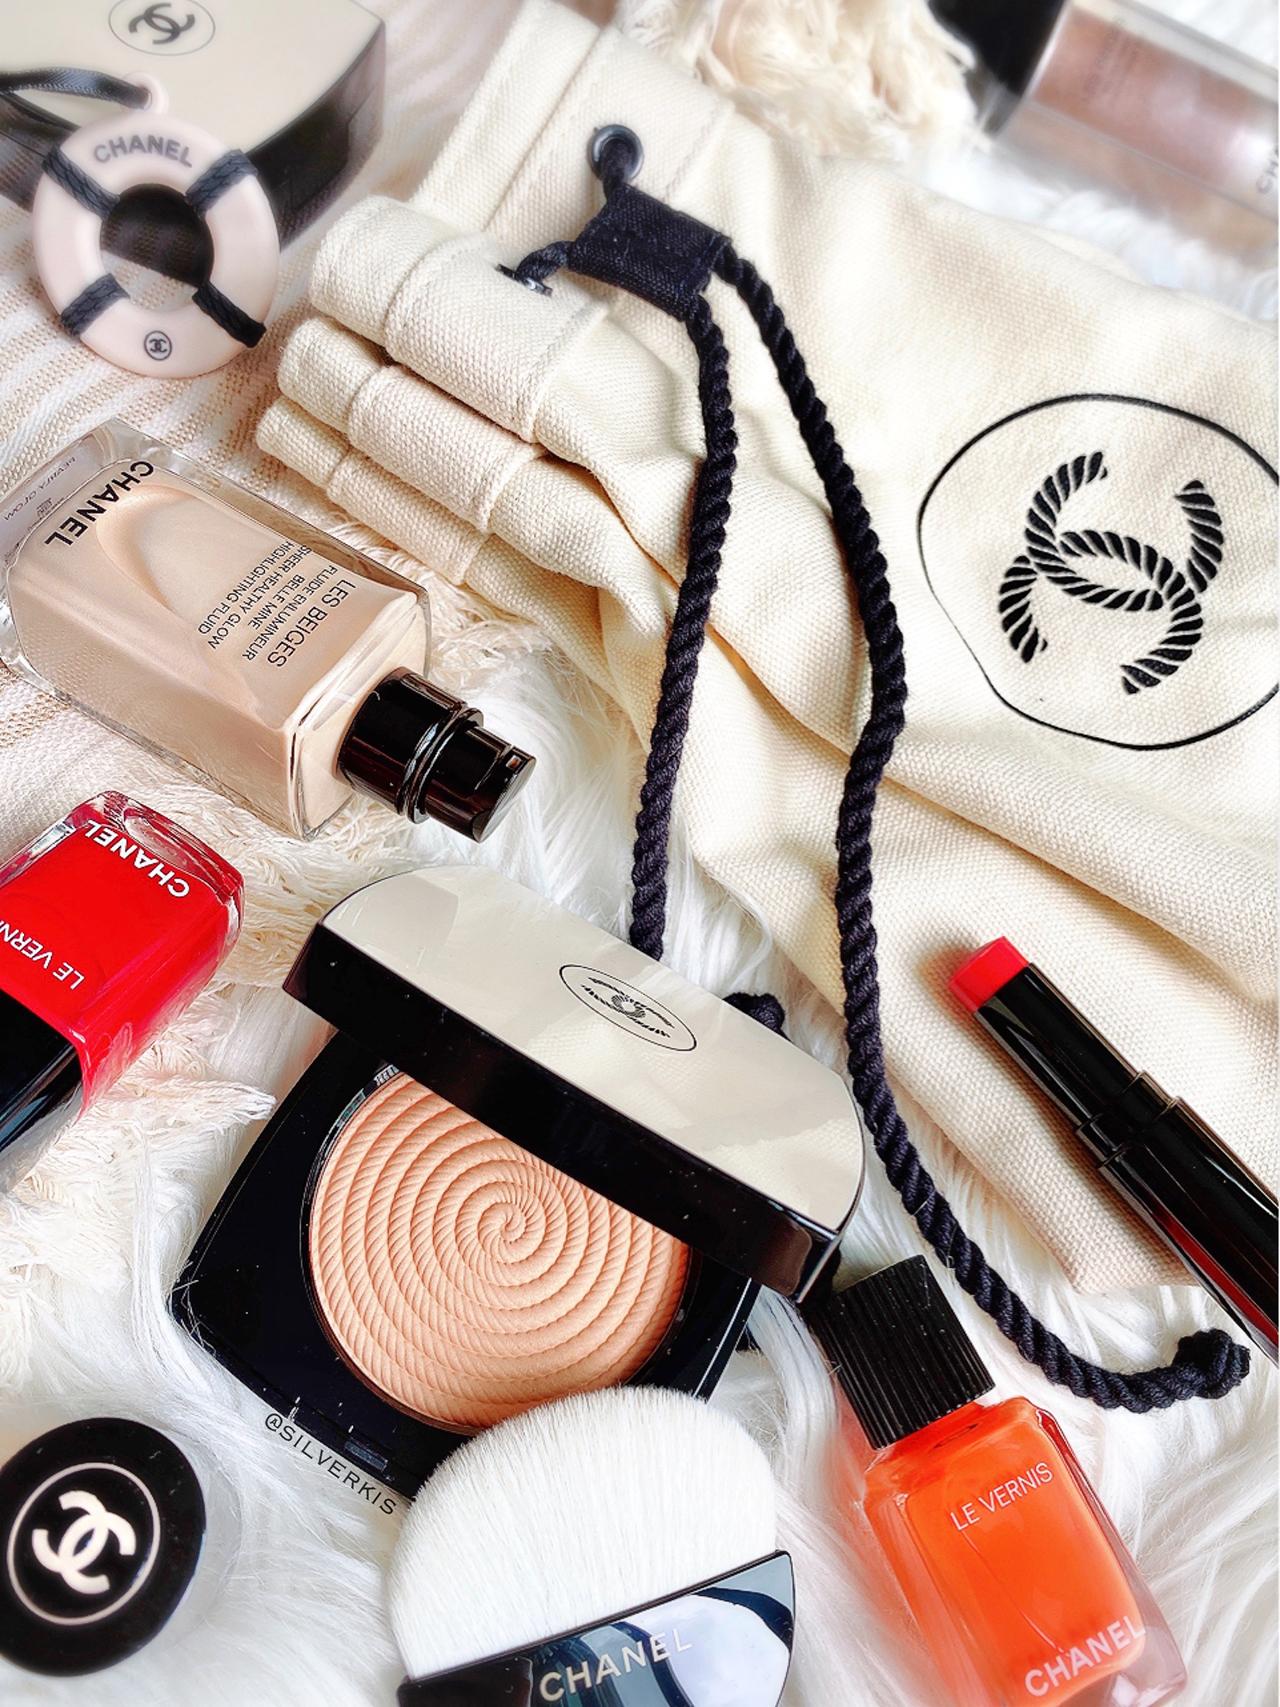 Chanel Summer Makeup 2020